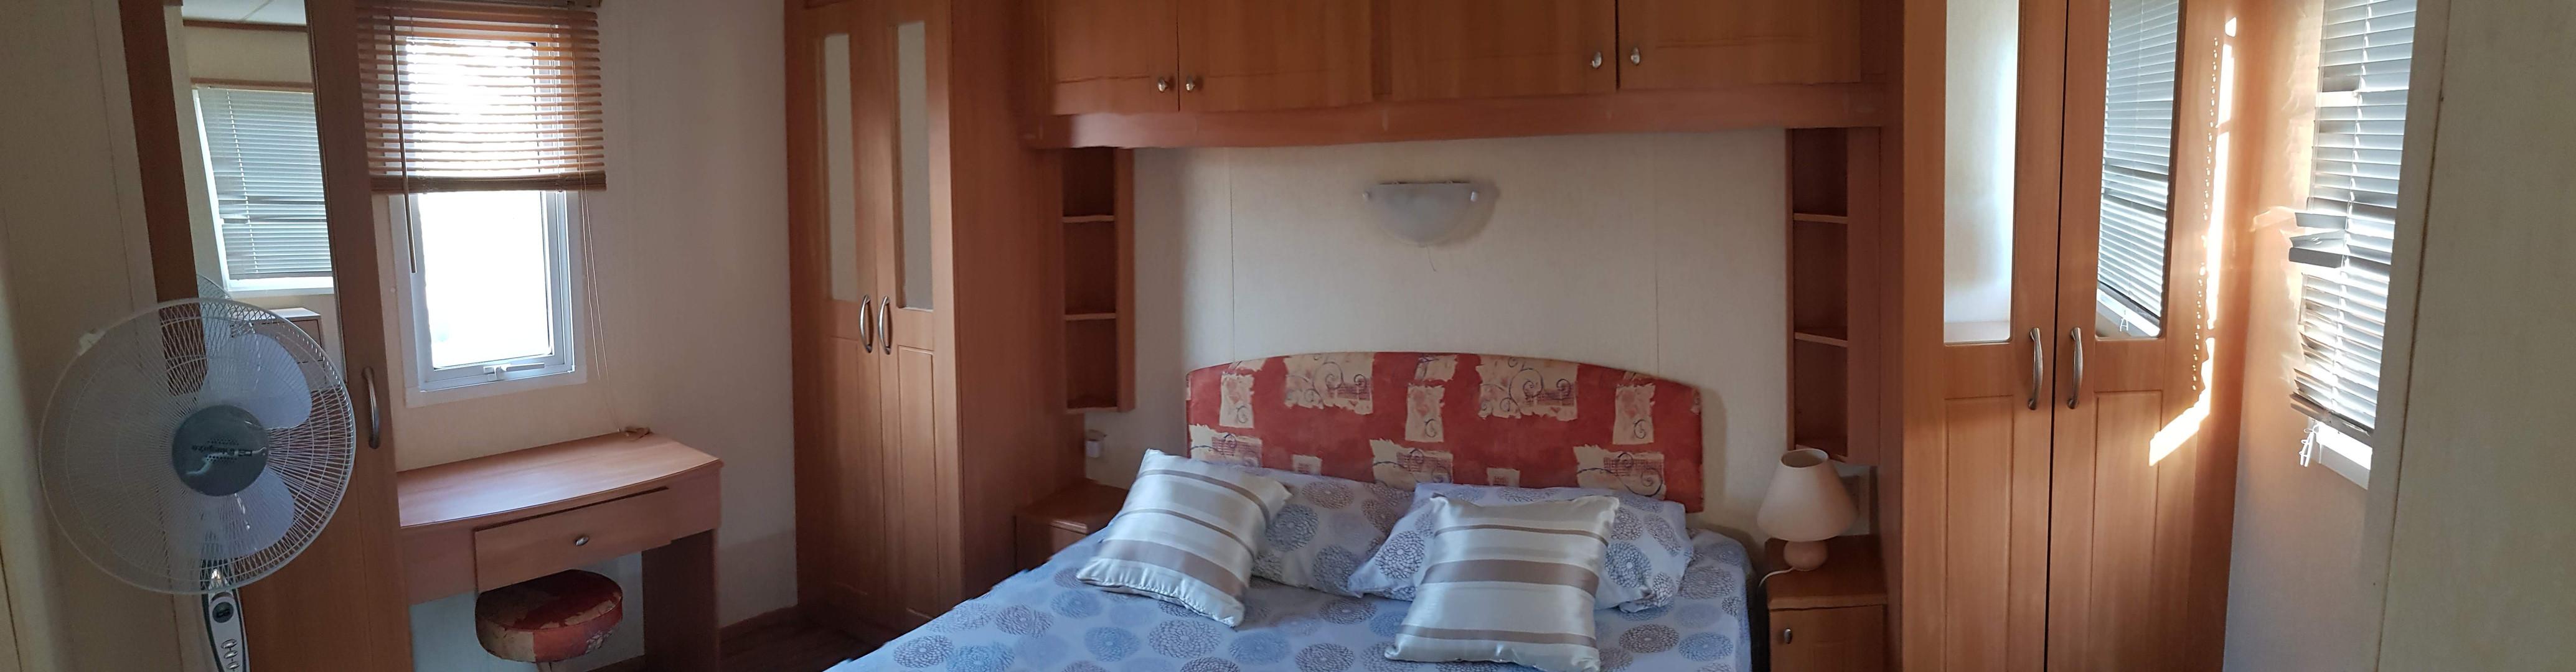 119 vintage double room 2.jpg